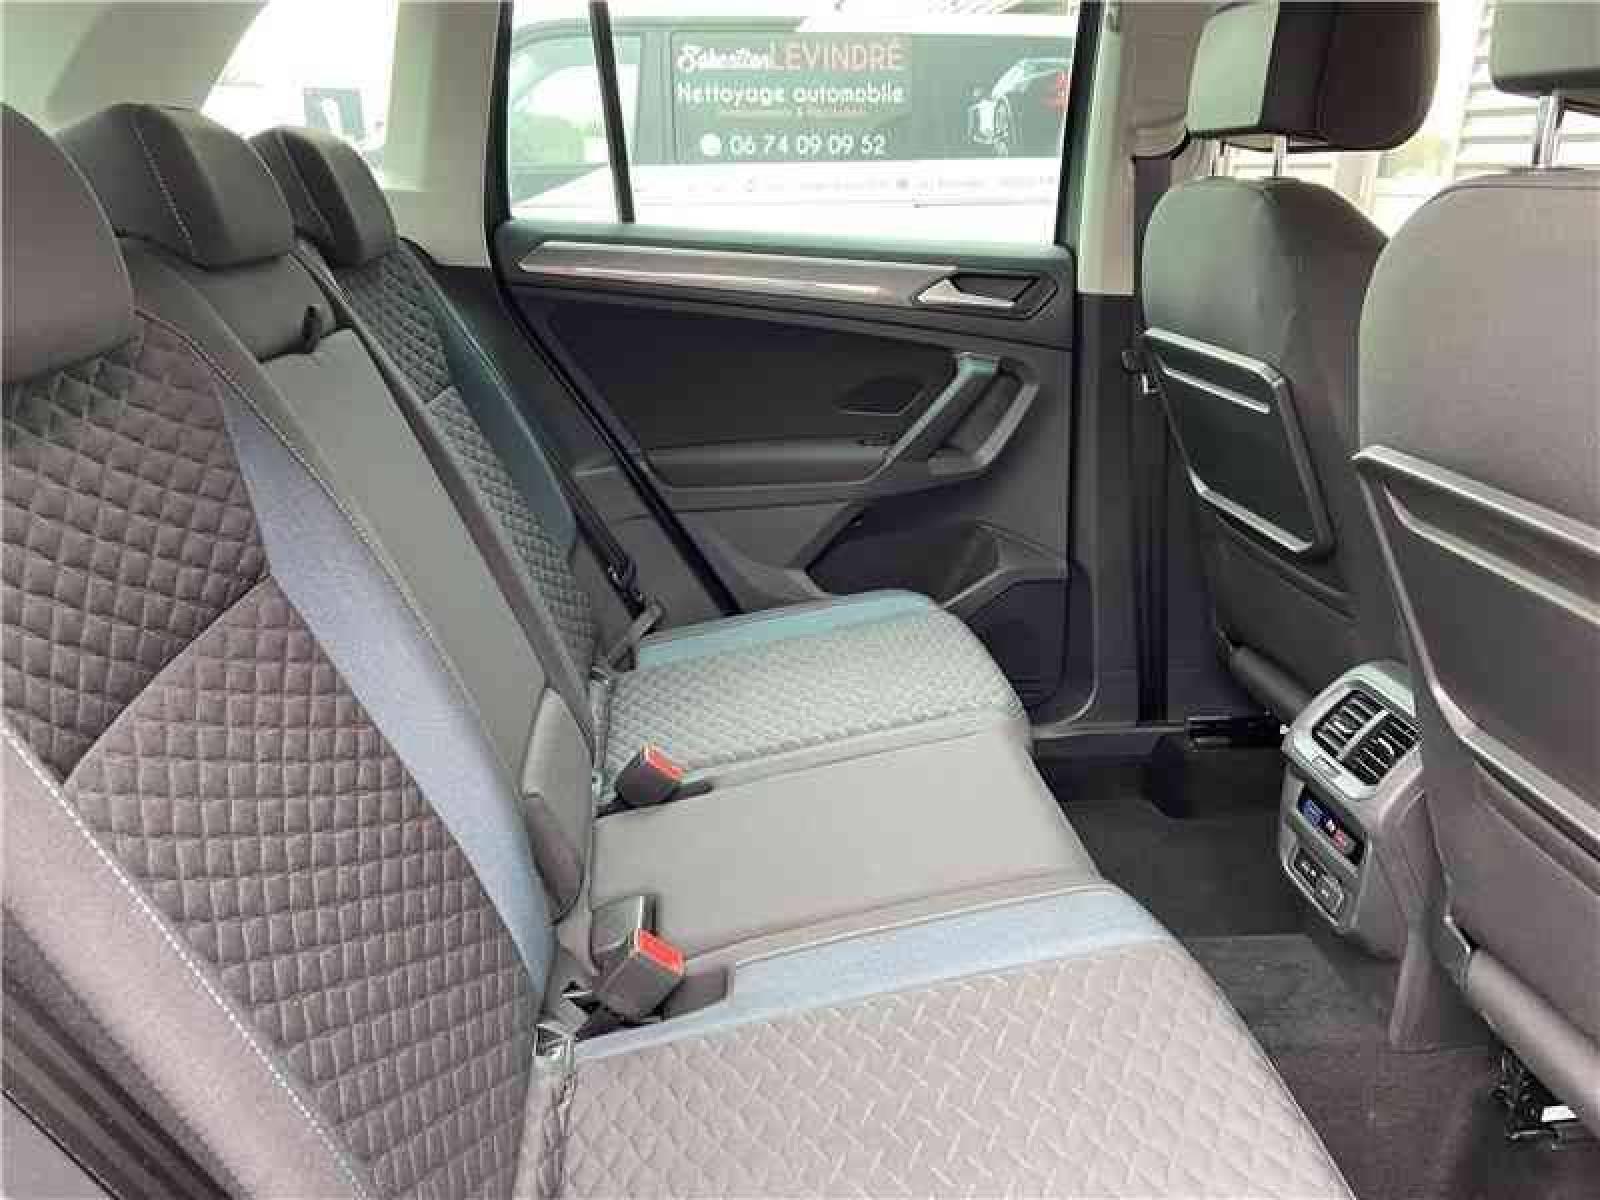 VOLKSWAGEN Tiguan 1.5 TSI EVO 150 DSG7 - véhicule d'occasion - LEMAUVIEL AUTOMOBILES - Présentation site web V2 - Lemauviel Automobiles - VIRE - 14500 - VIRE - 10